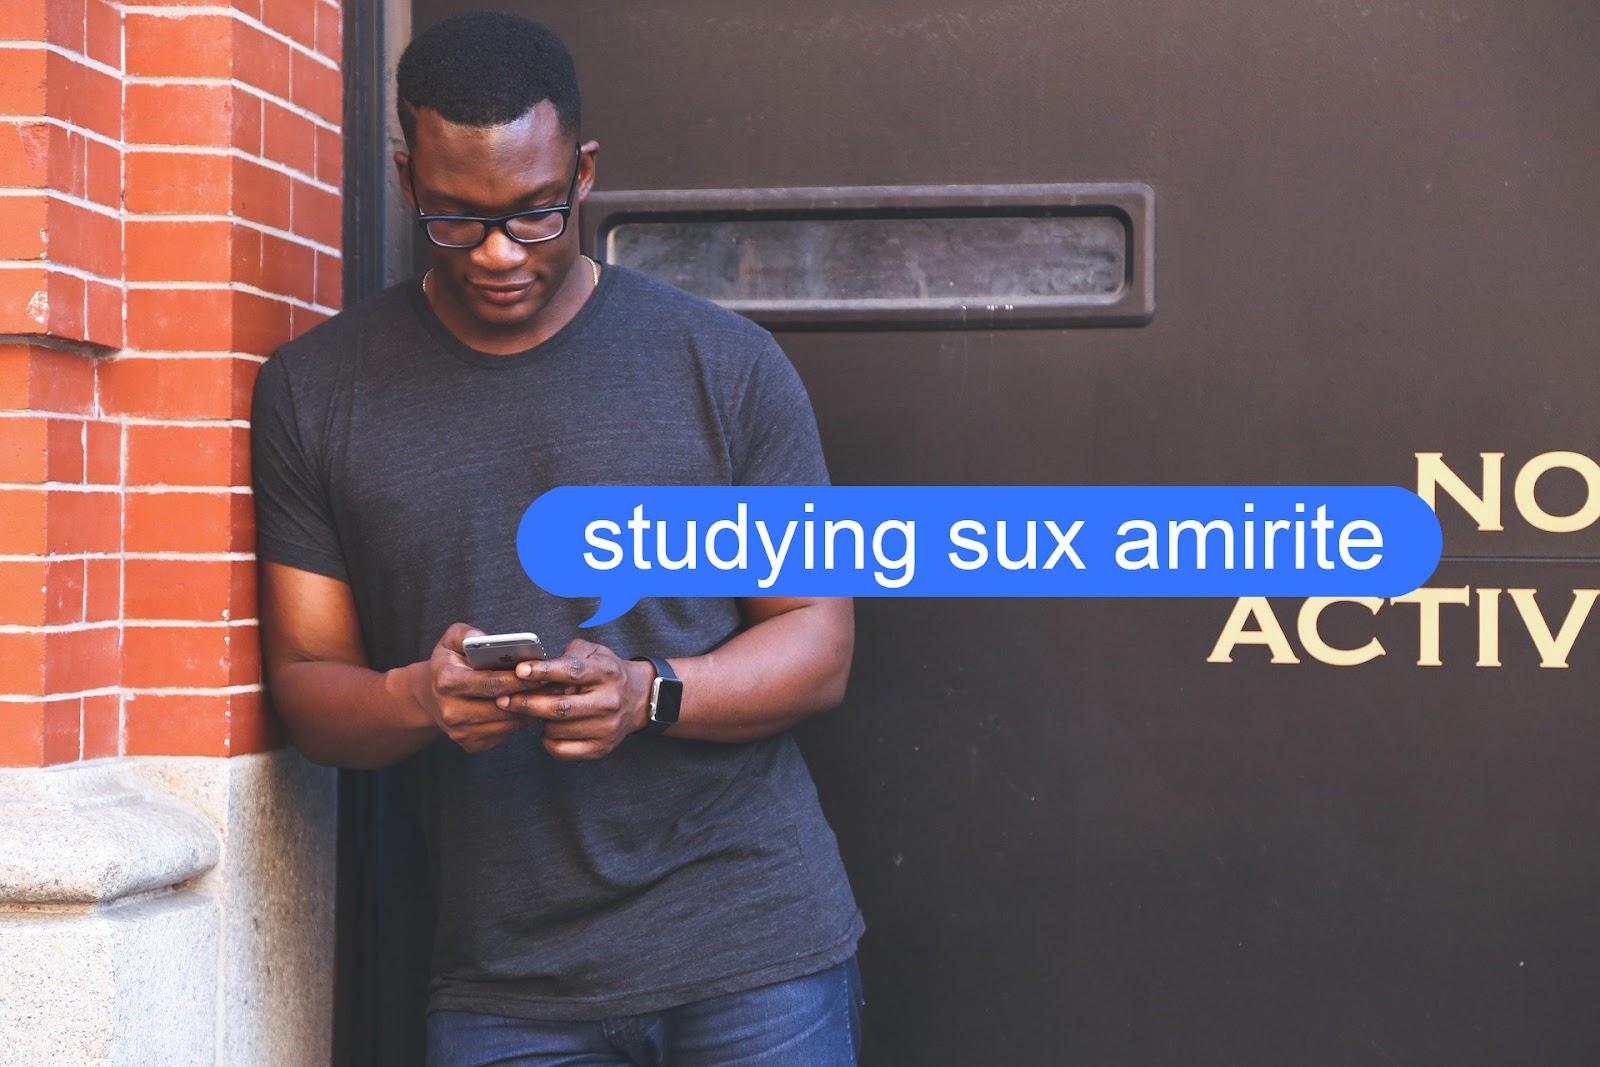 Man texting on a study break